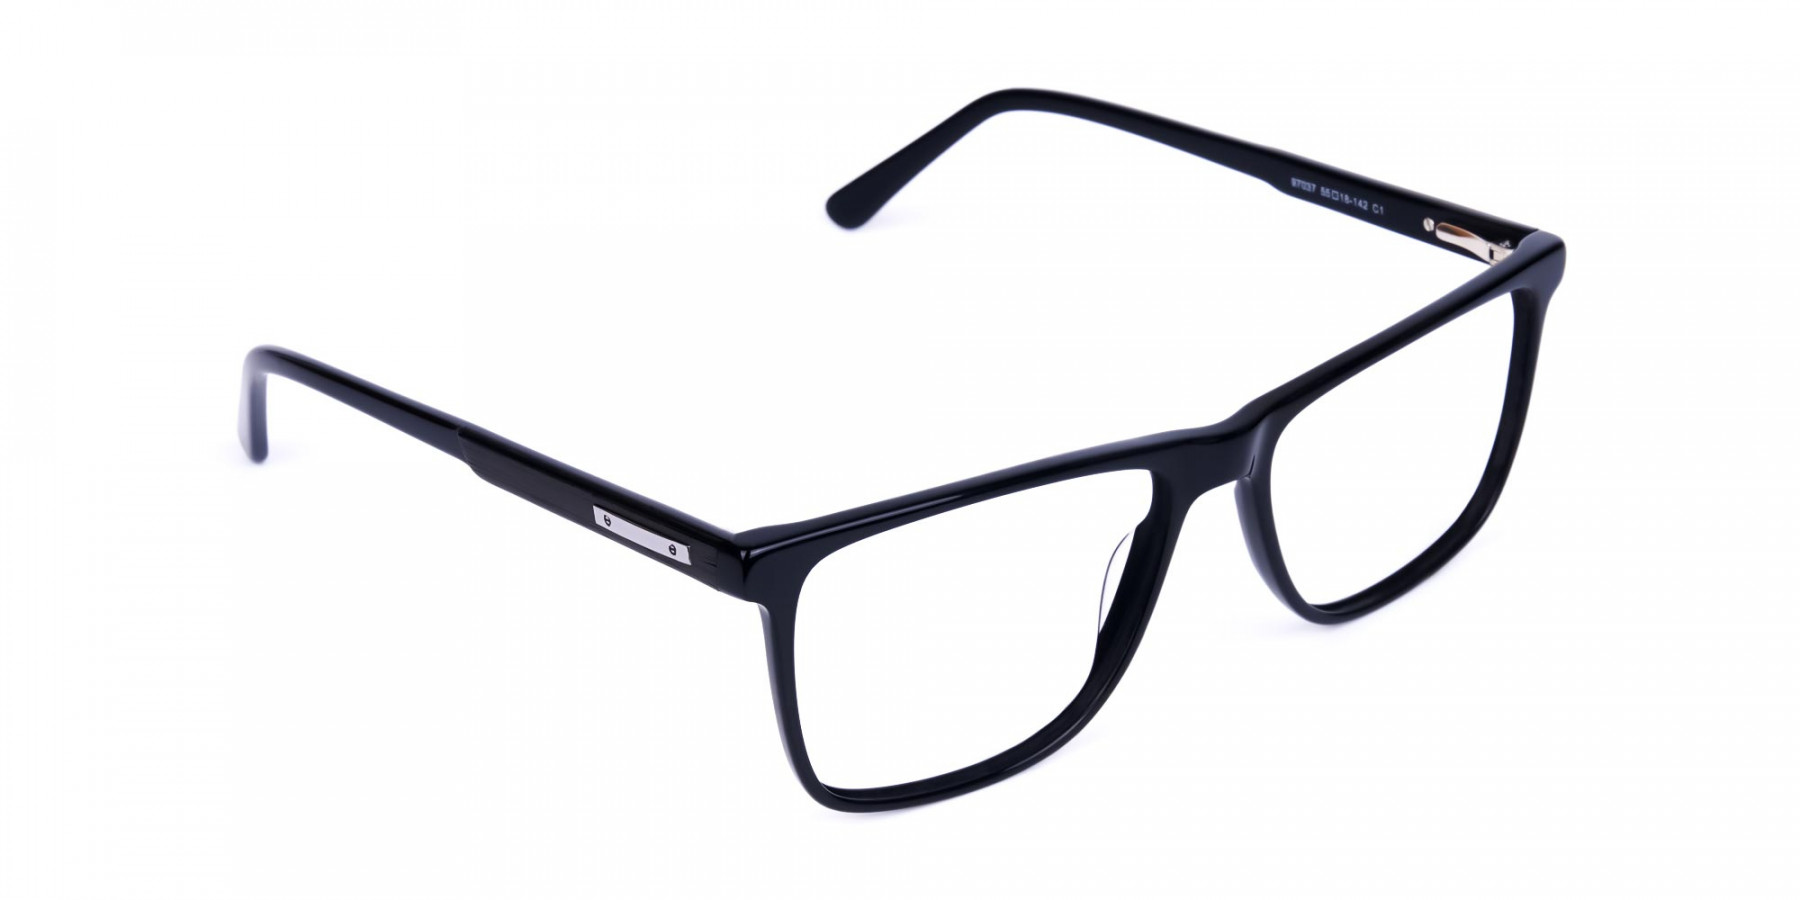 Black-Rectangular-Glasses-Frames-1